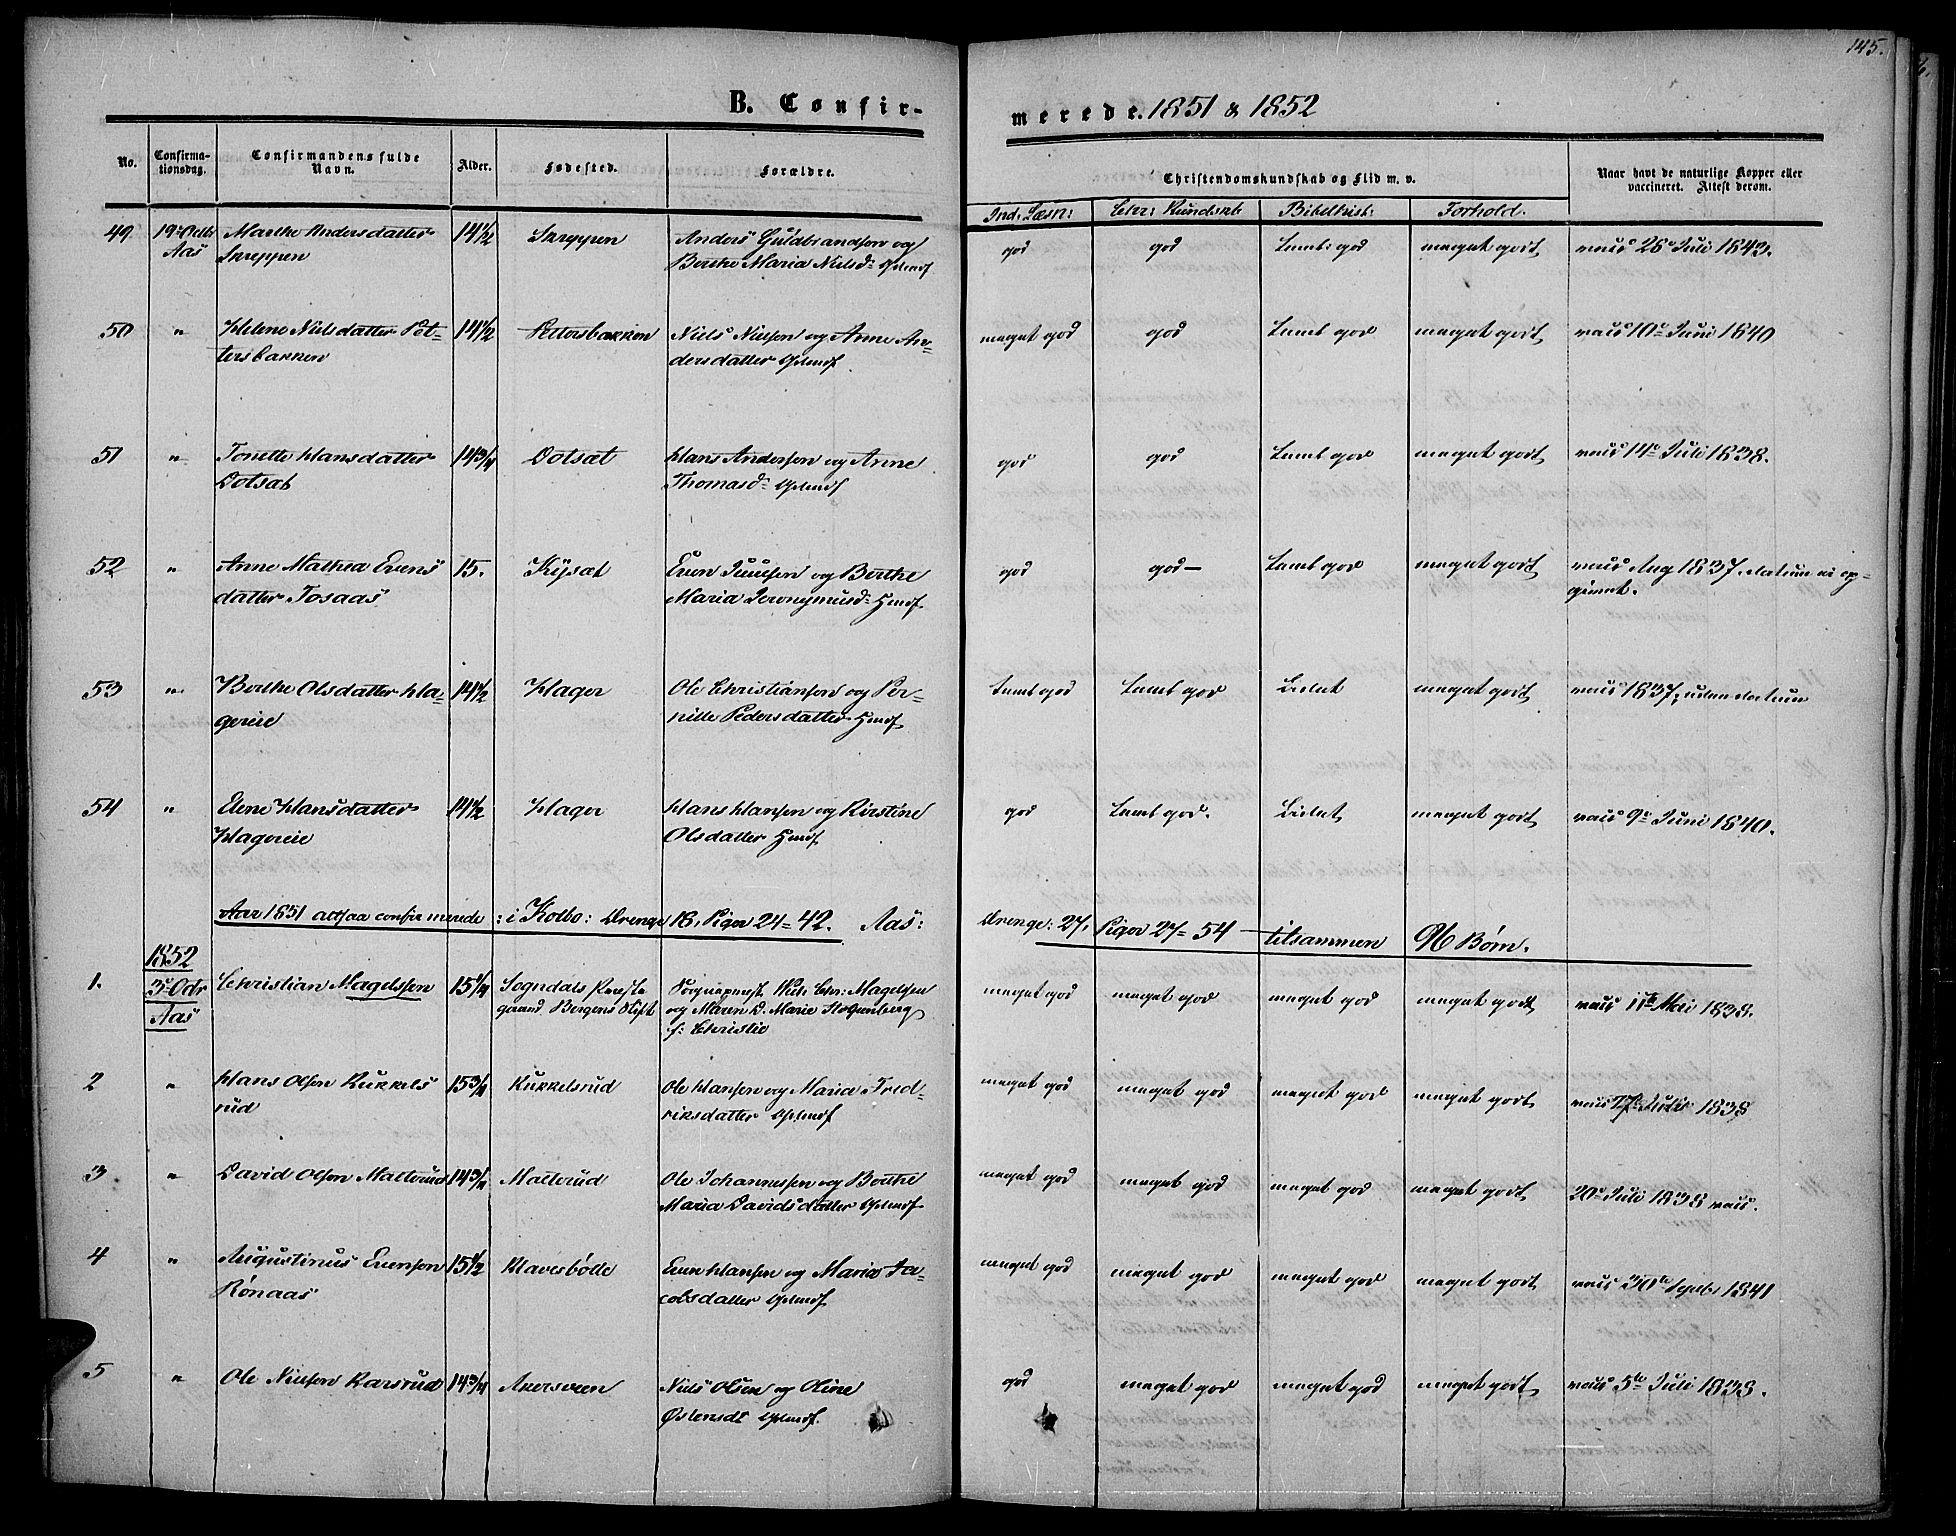 SAH, Vestre Toten prestekontor, Ministerialbok nr. 5, 1850-1855, s. 145